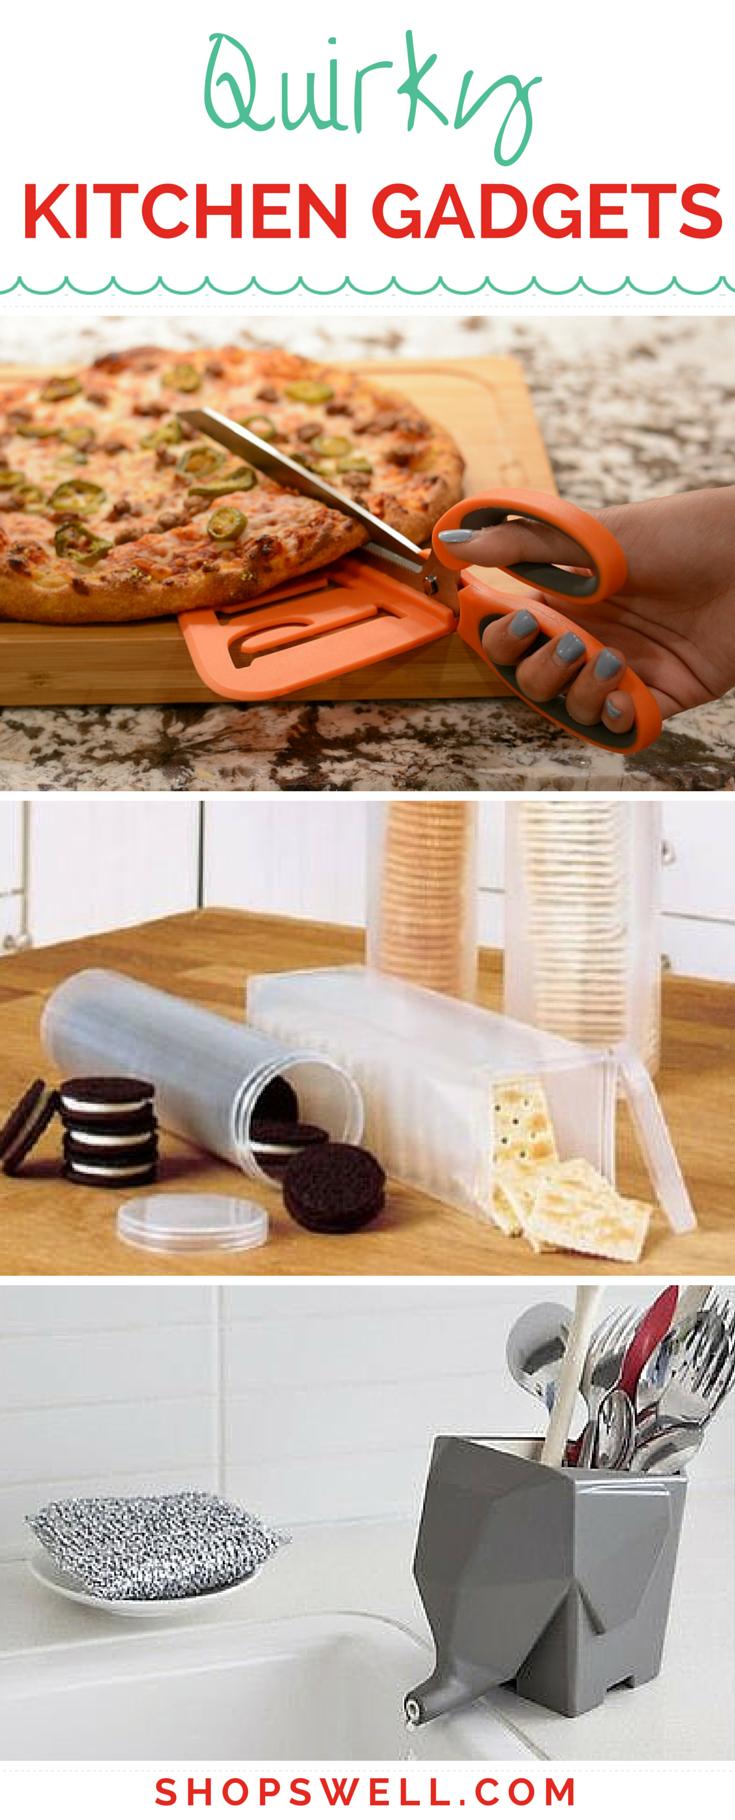 Quirky kitchen gadgets utensilios cocinas y utensilios for Gadgets cocina originales